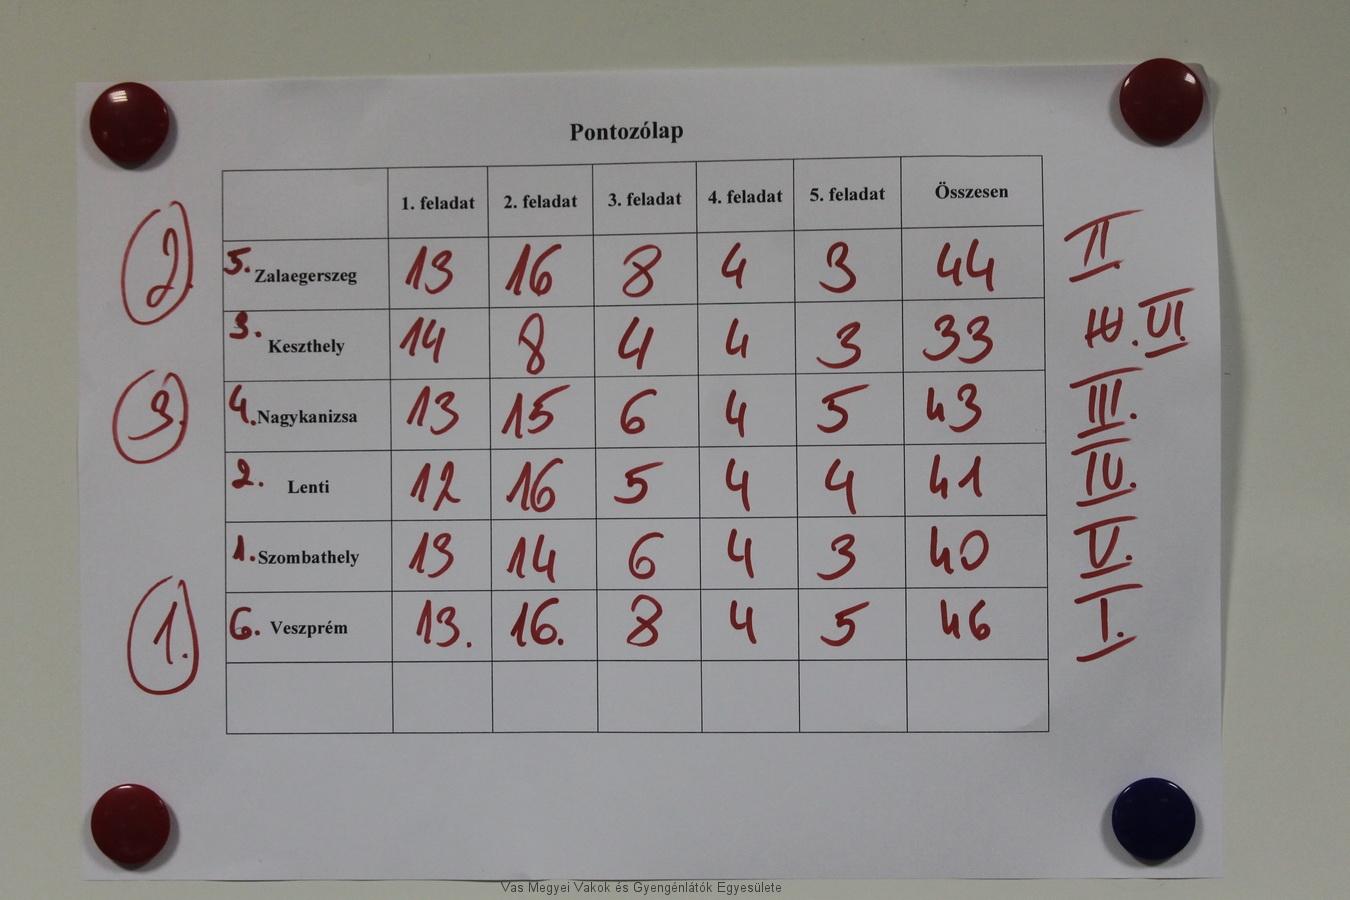 Az eredményjelző tábla a hat csapat teljesítményét mutatja.